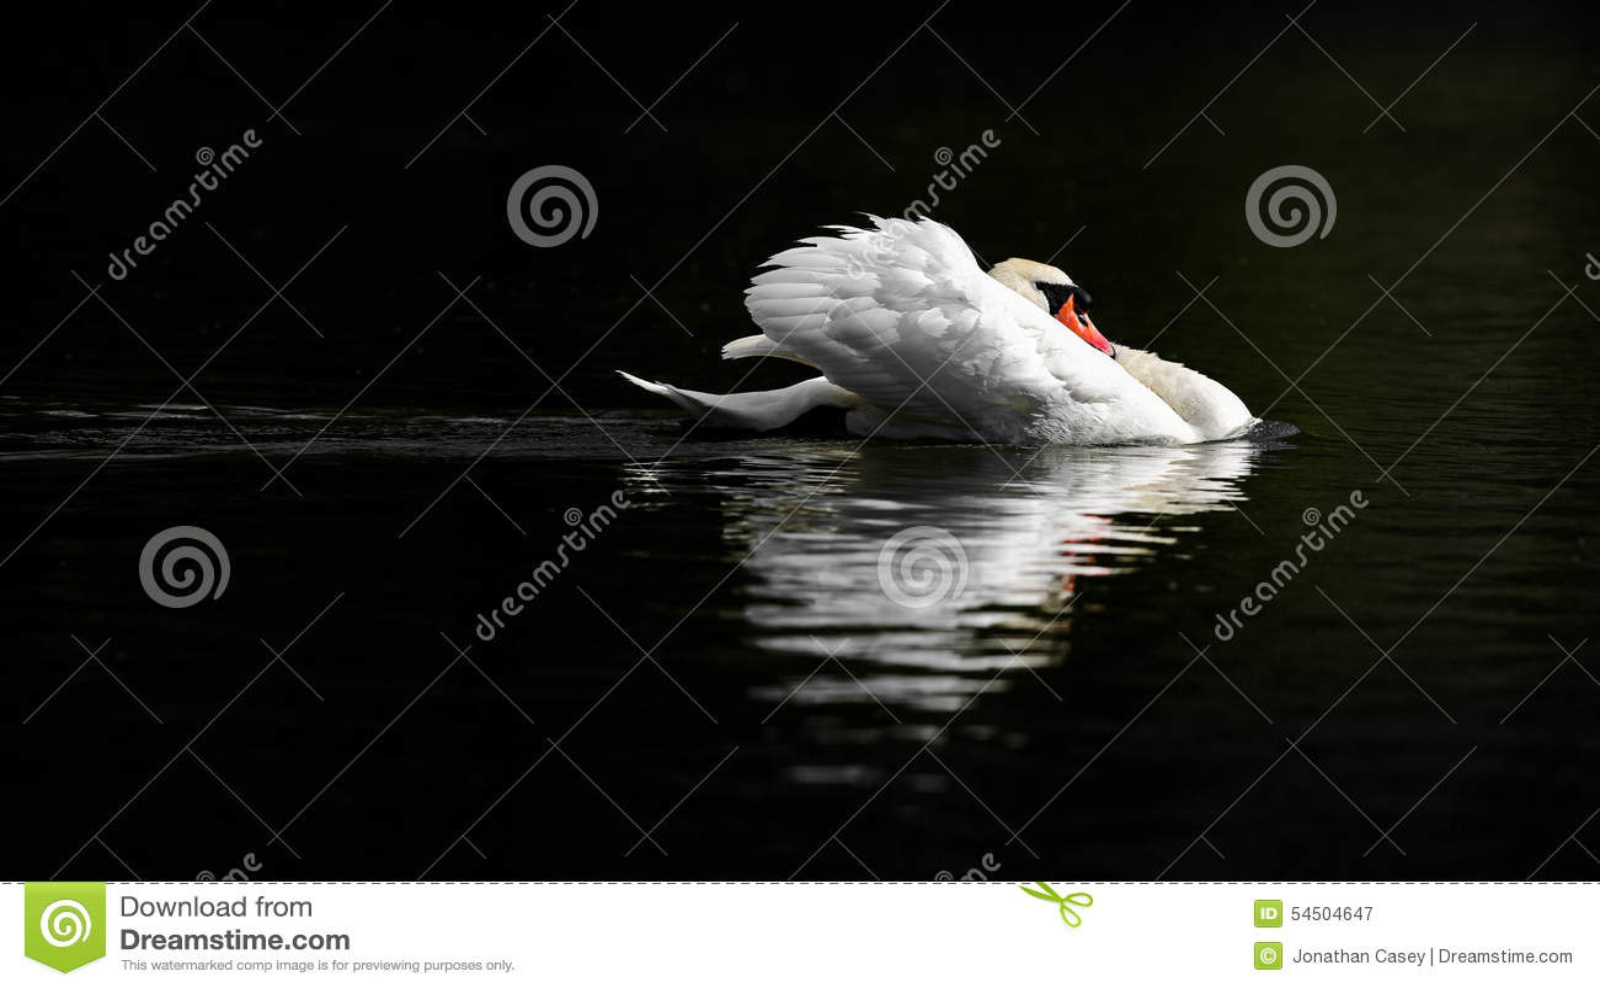 Mannelijke Stodde Zwaan in Bedreigingshouding op Donker Water